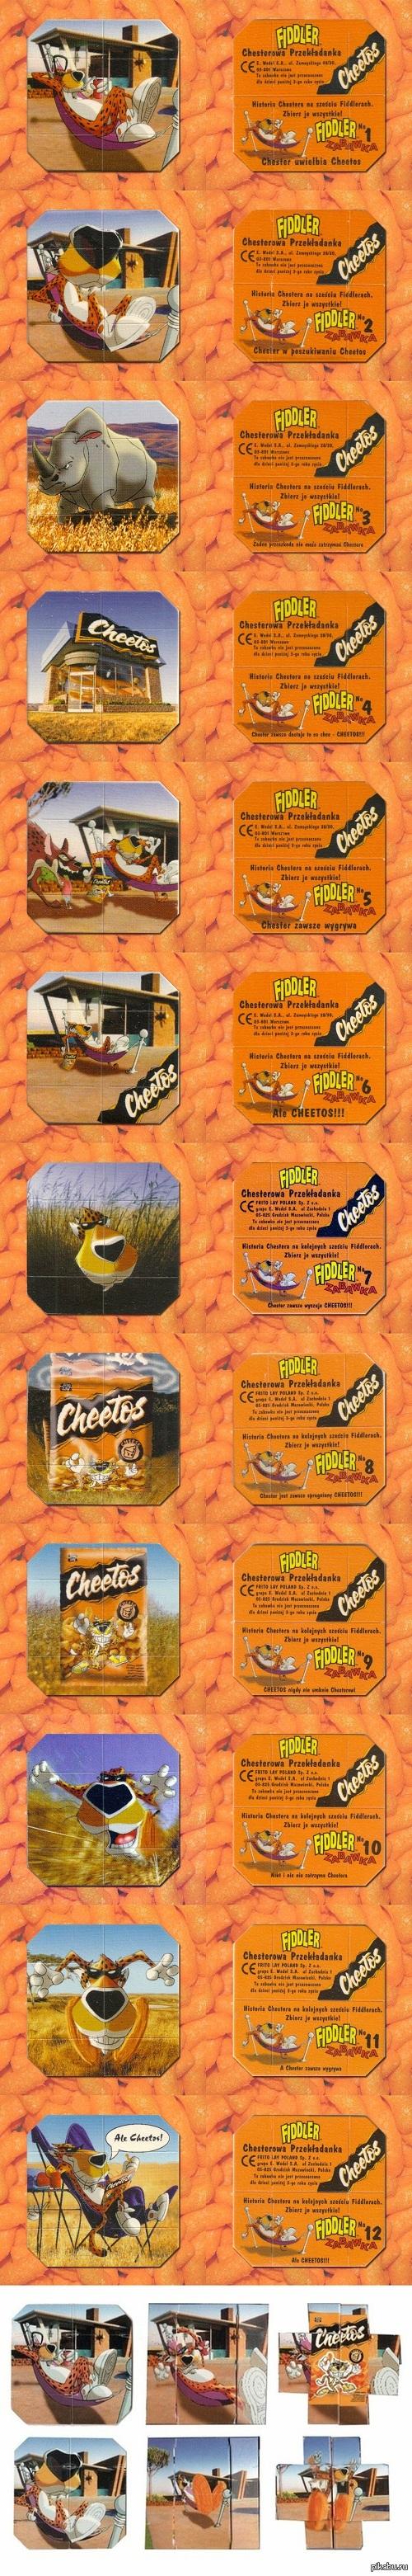 Фиддлеры от Читос А вы их помните? Первыми призами в пачке Cheetos были фиддлеры, они представляют собой меняющиеся картинки, если собрать их все, то получался некий комикс